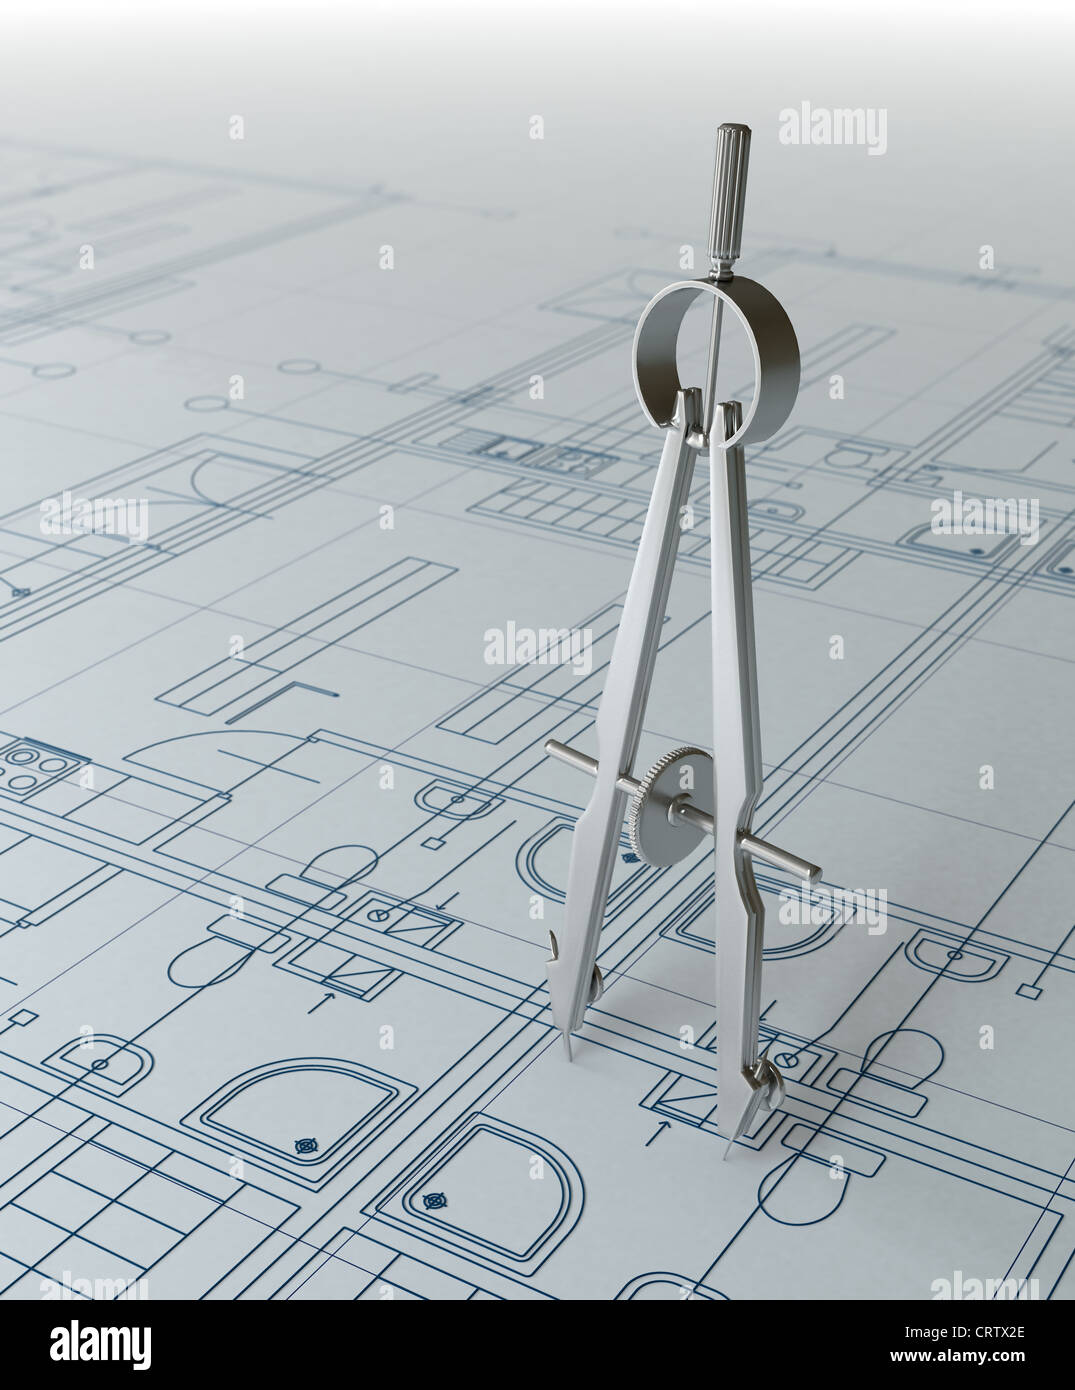 Projet architectural et boussole Photo Stock